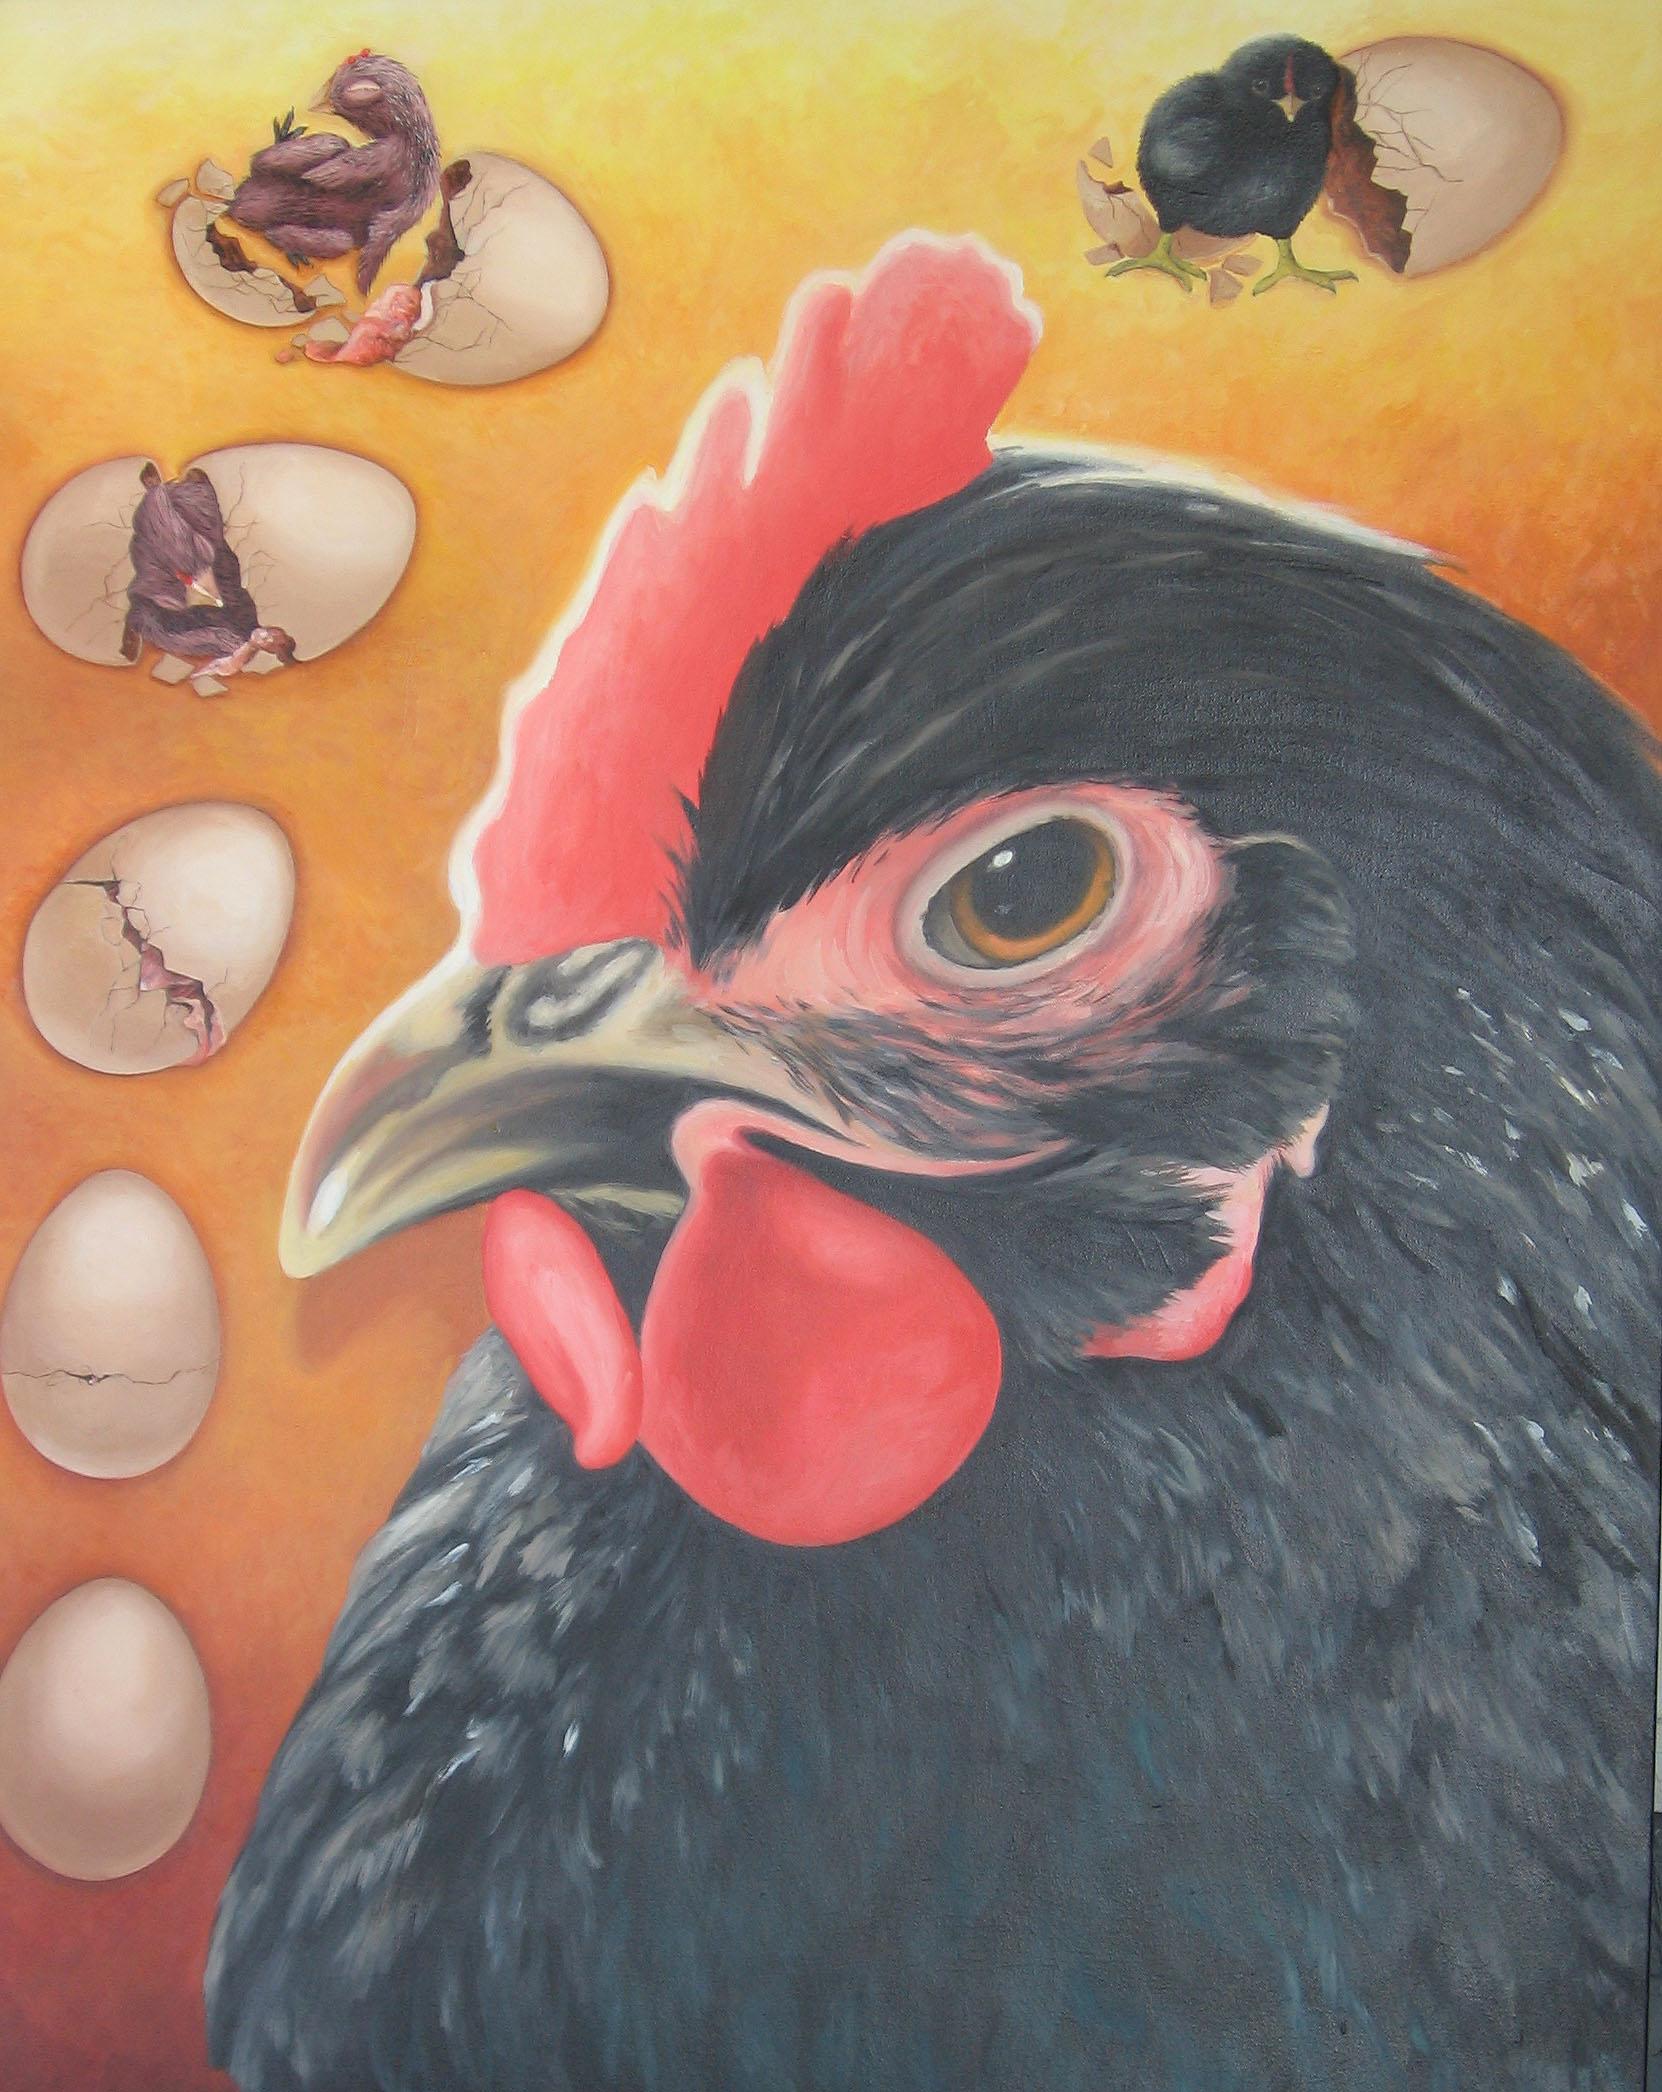 Austalorpe Hen